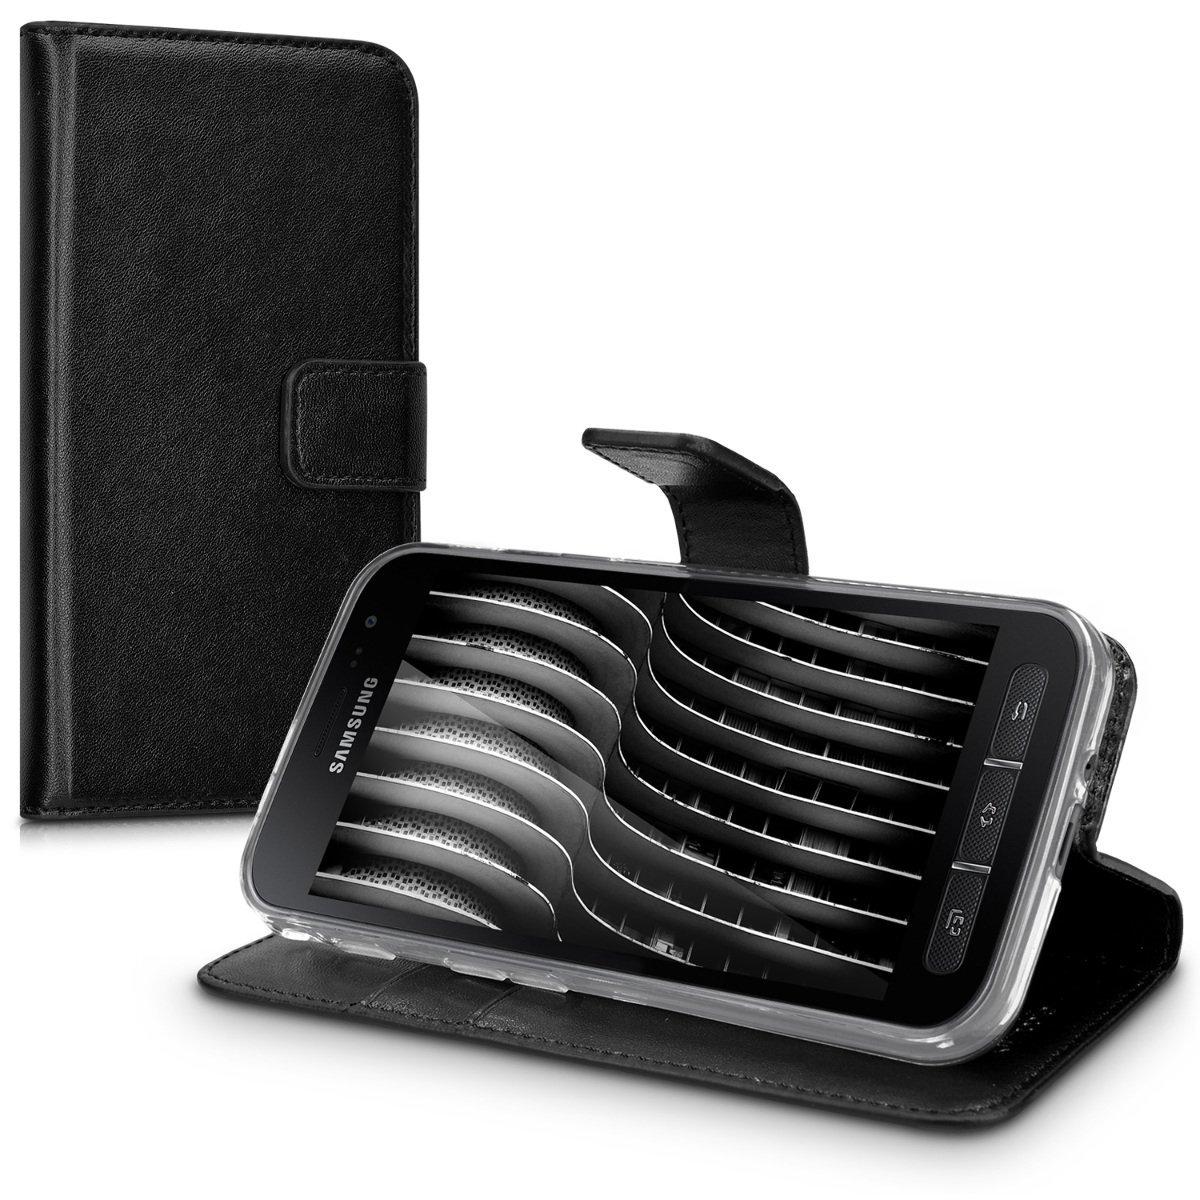 KW Θήκη - Πορτοφόλι Samsung Galaxy Xcover 4 - Black (41169.01)